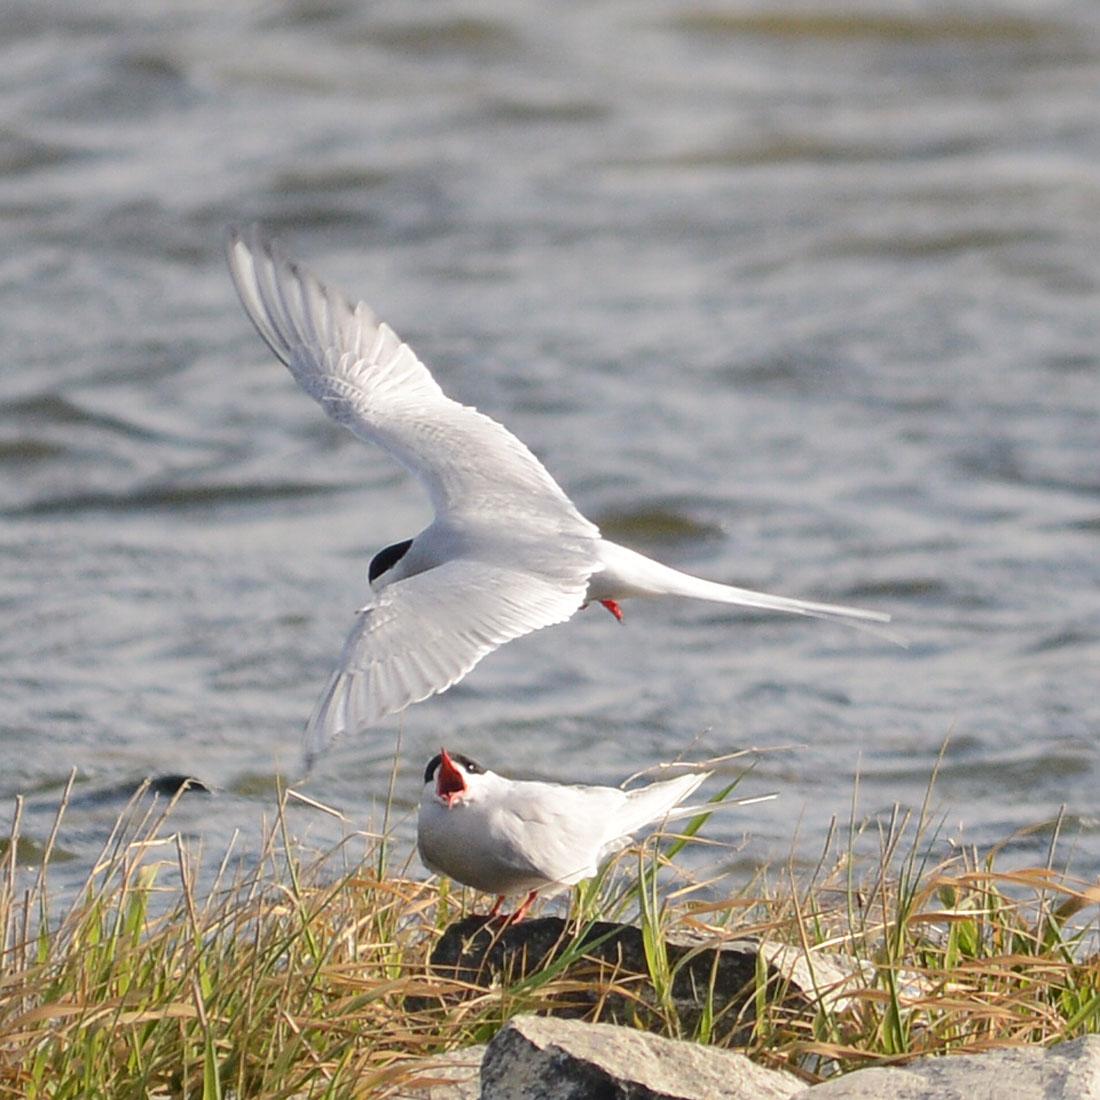 Pickieternos - terns - by the lochside.